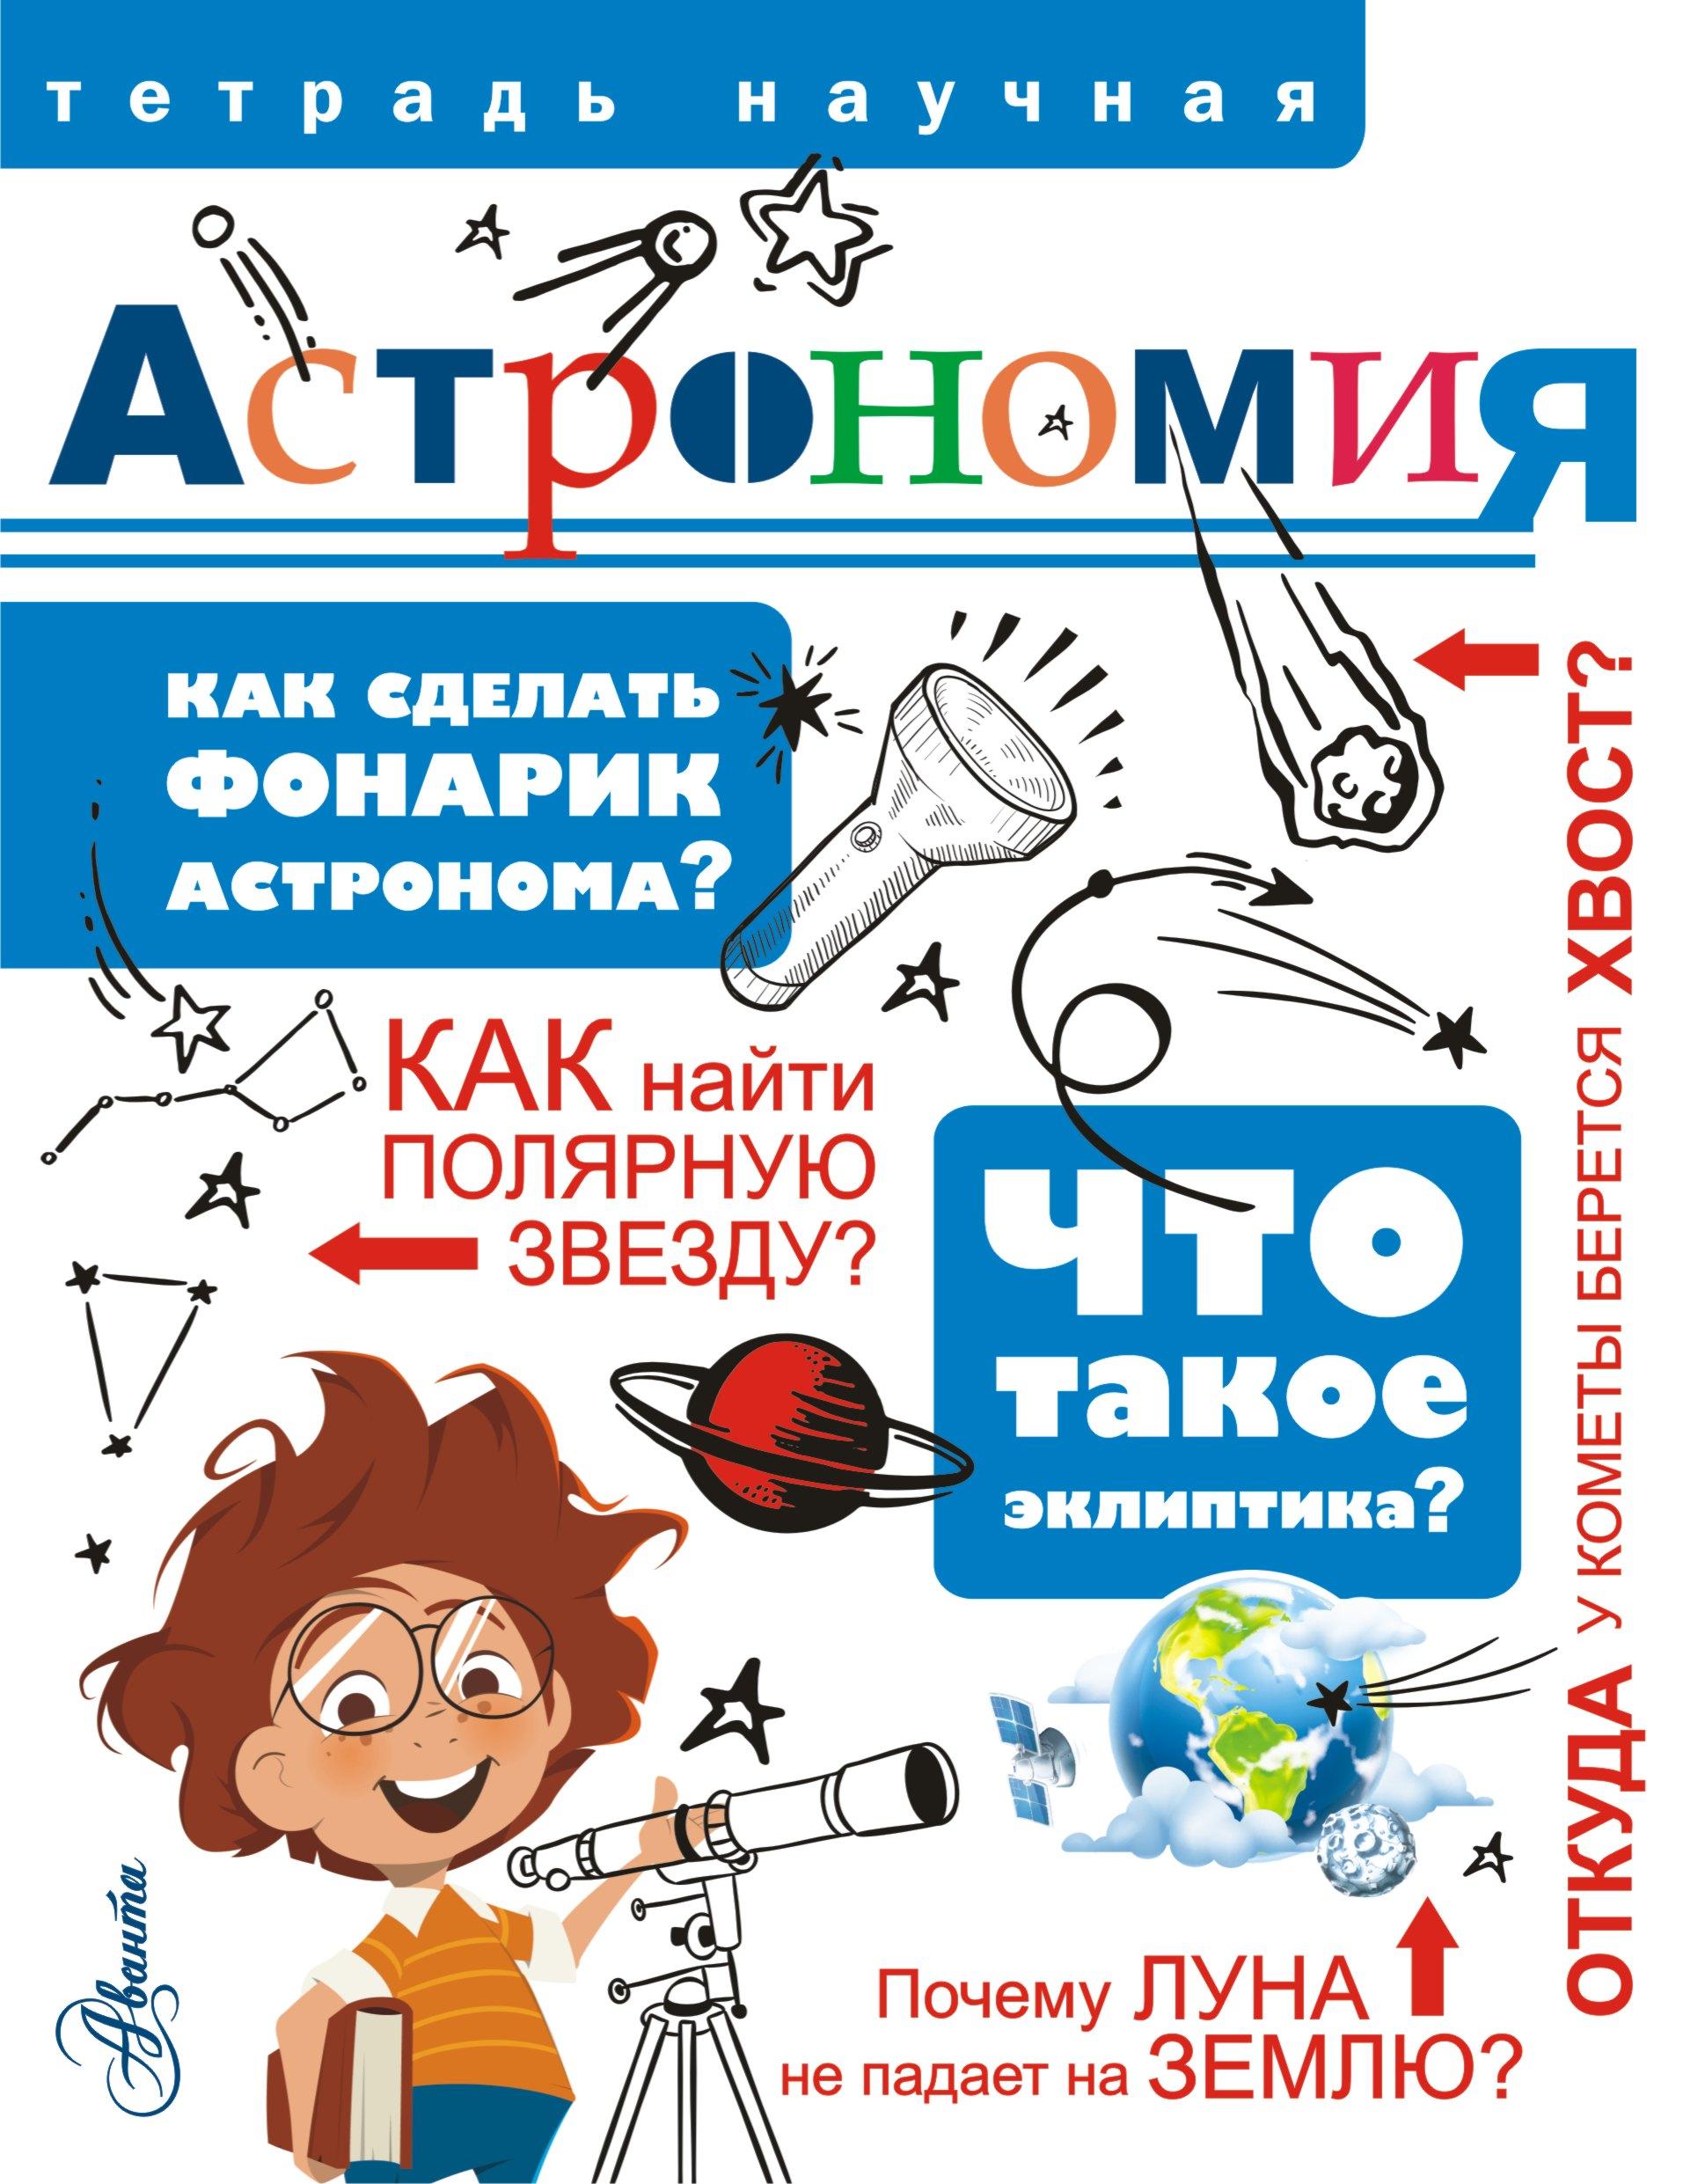 Астрономия ( .  )